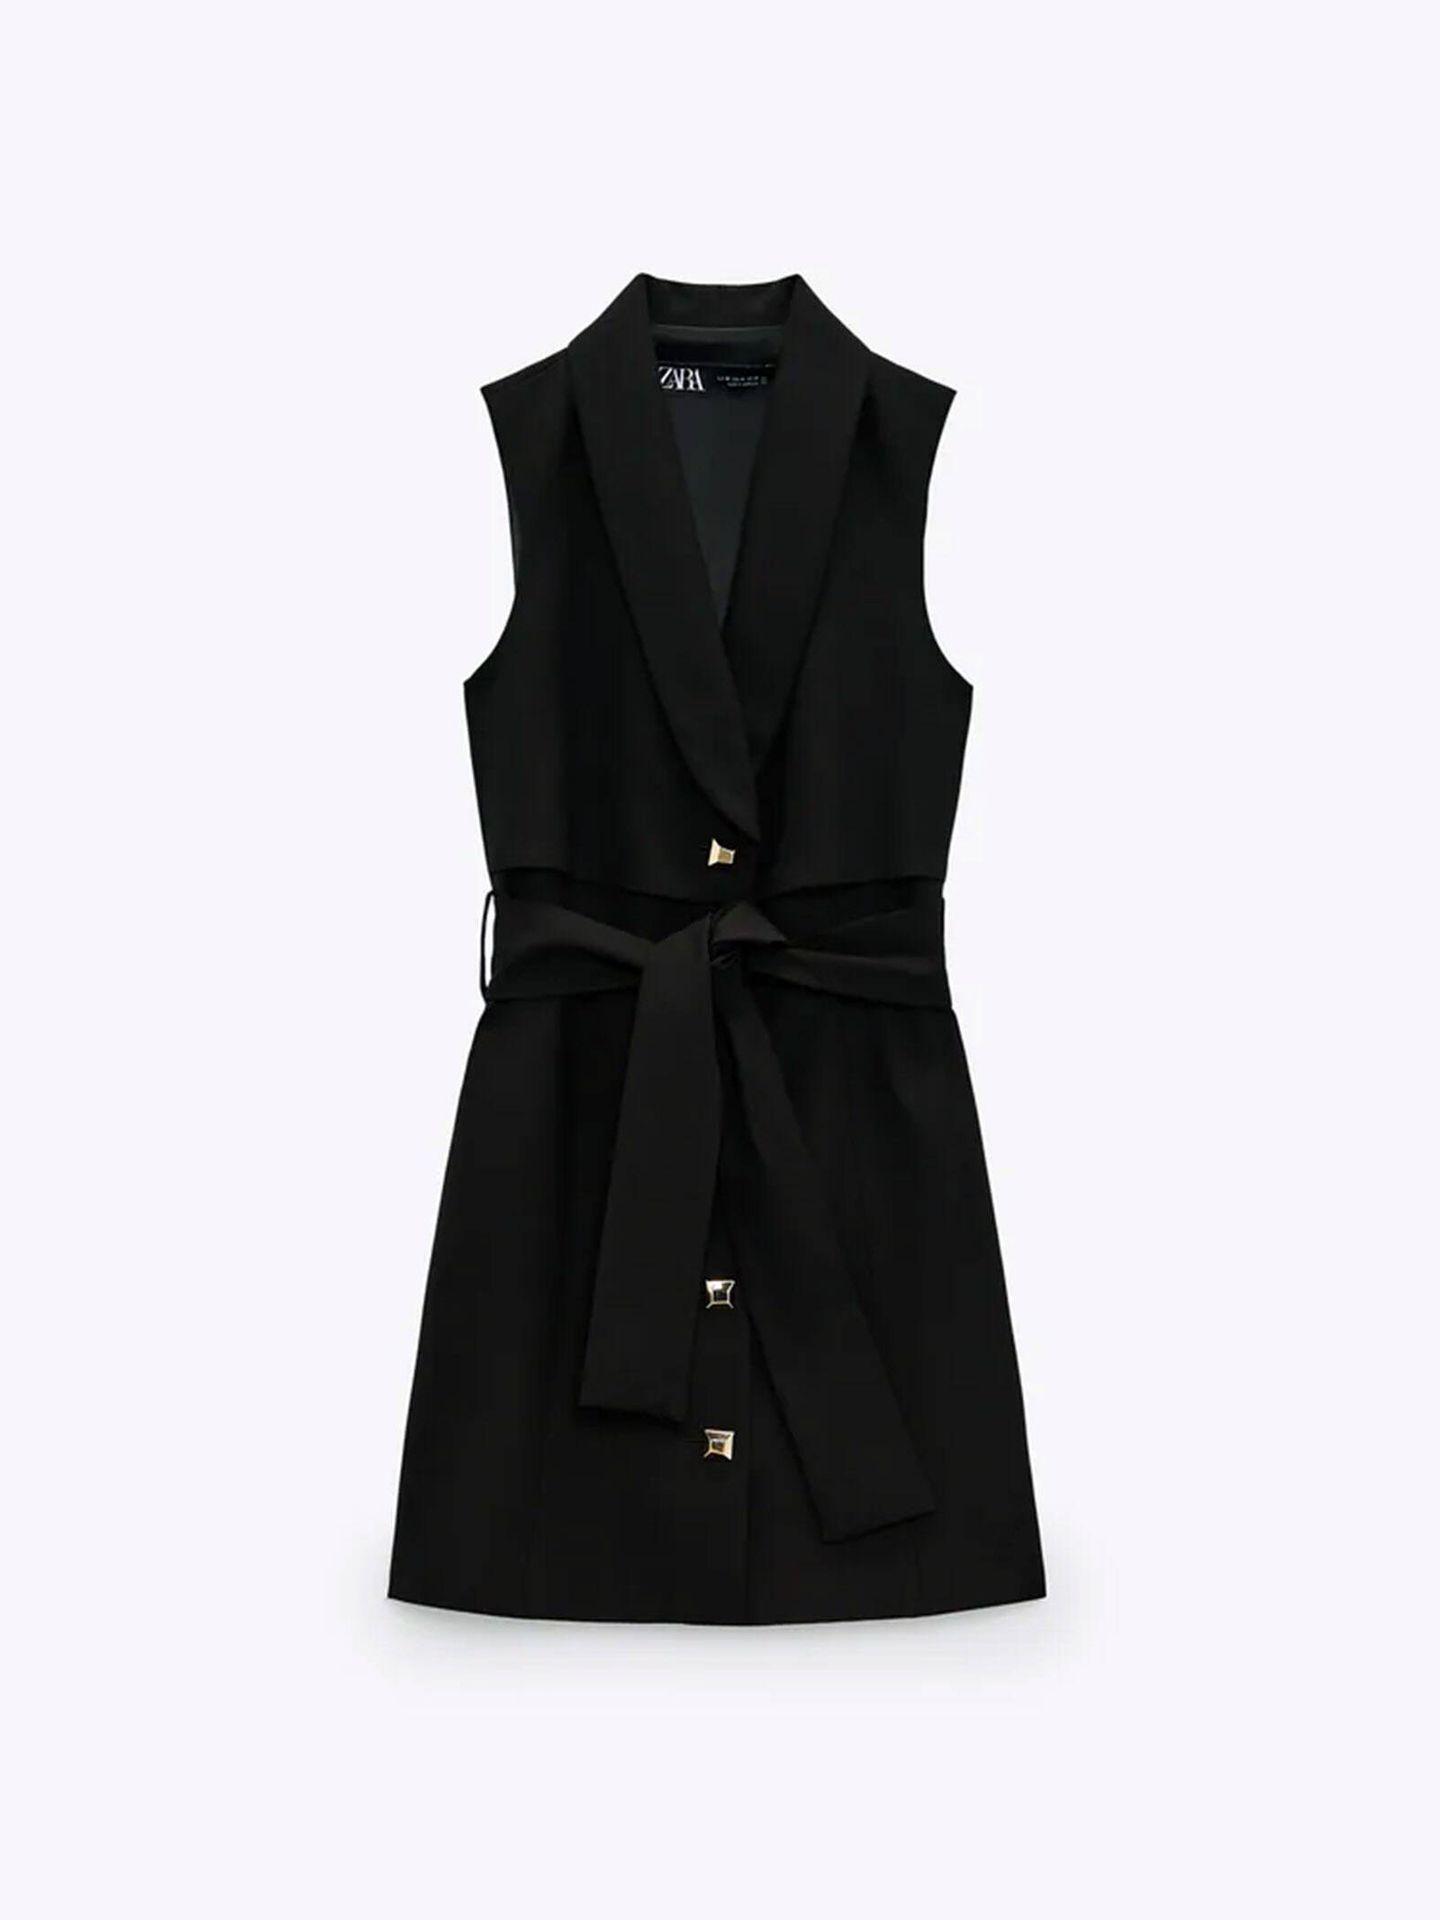 Vestido de Zara perfecto a cualquier edad. (Cortesía)